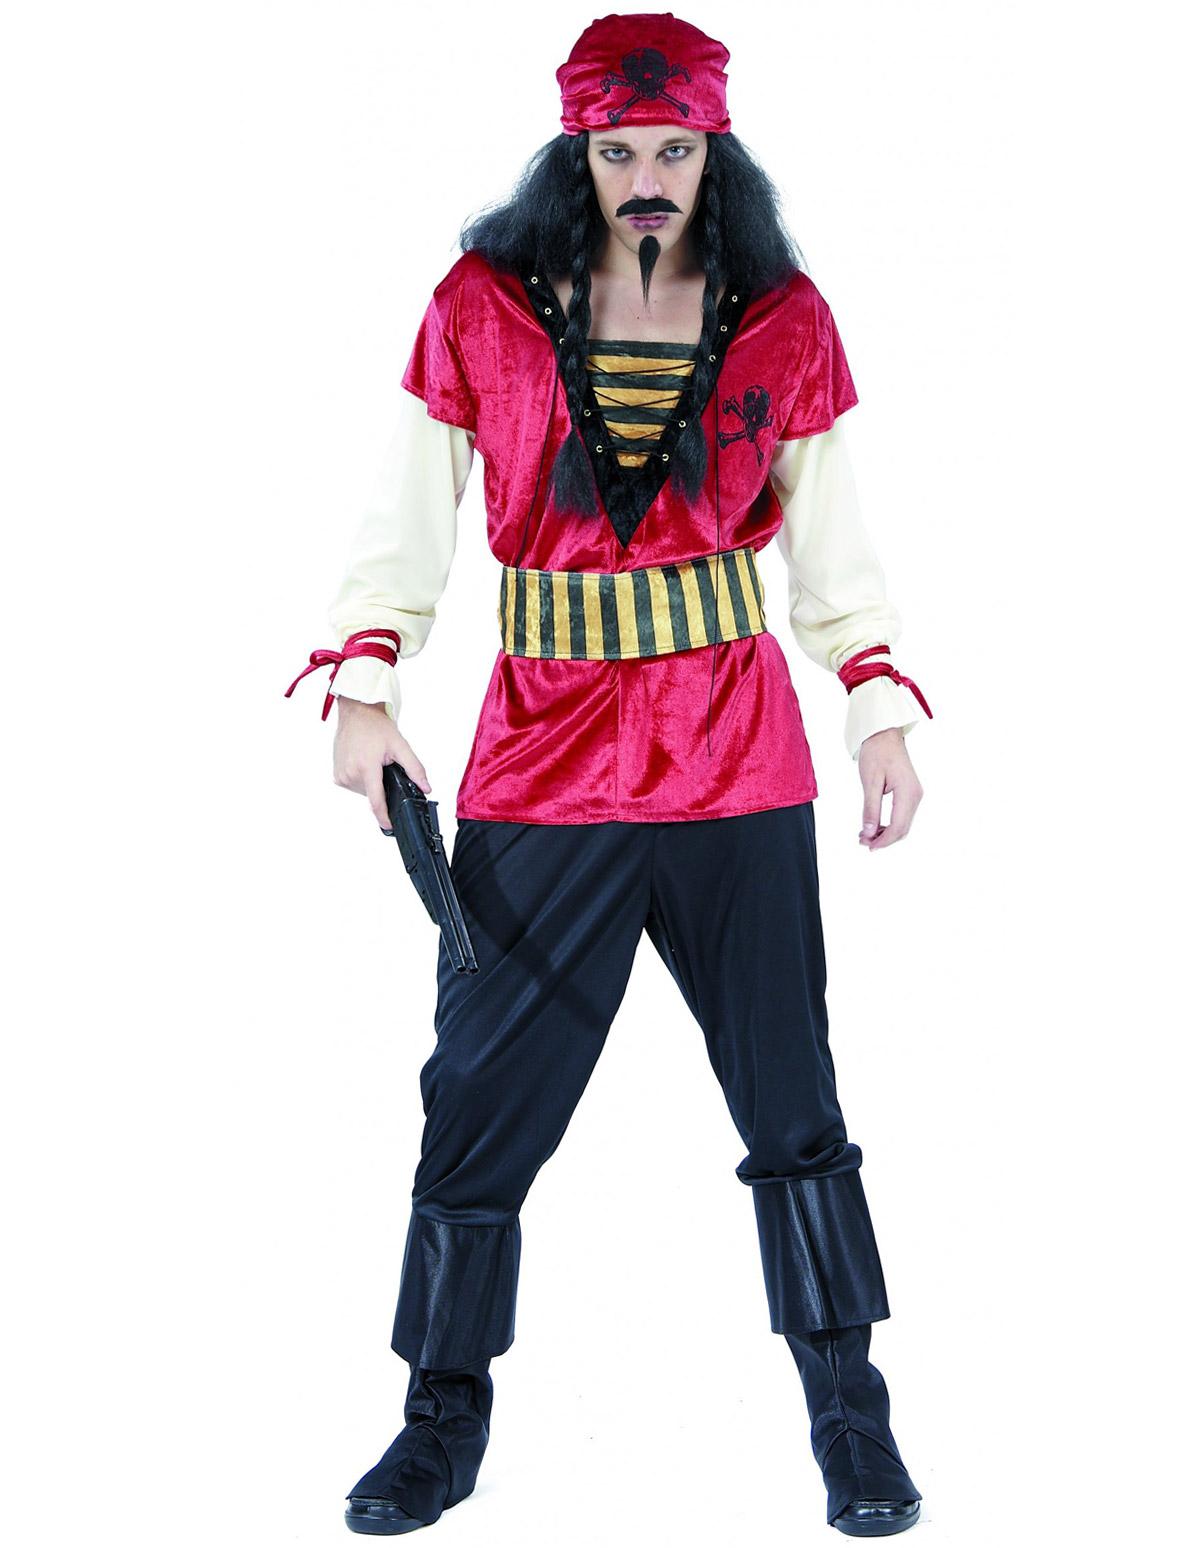 Piraten-Kostüm für Herren mit Bandana bunt - M 46169